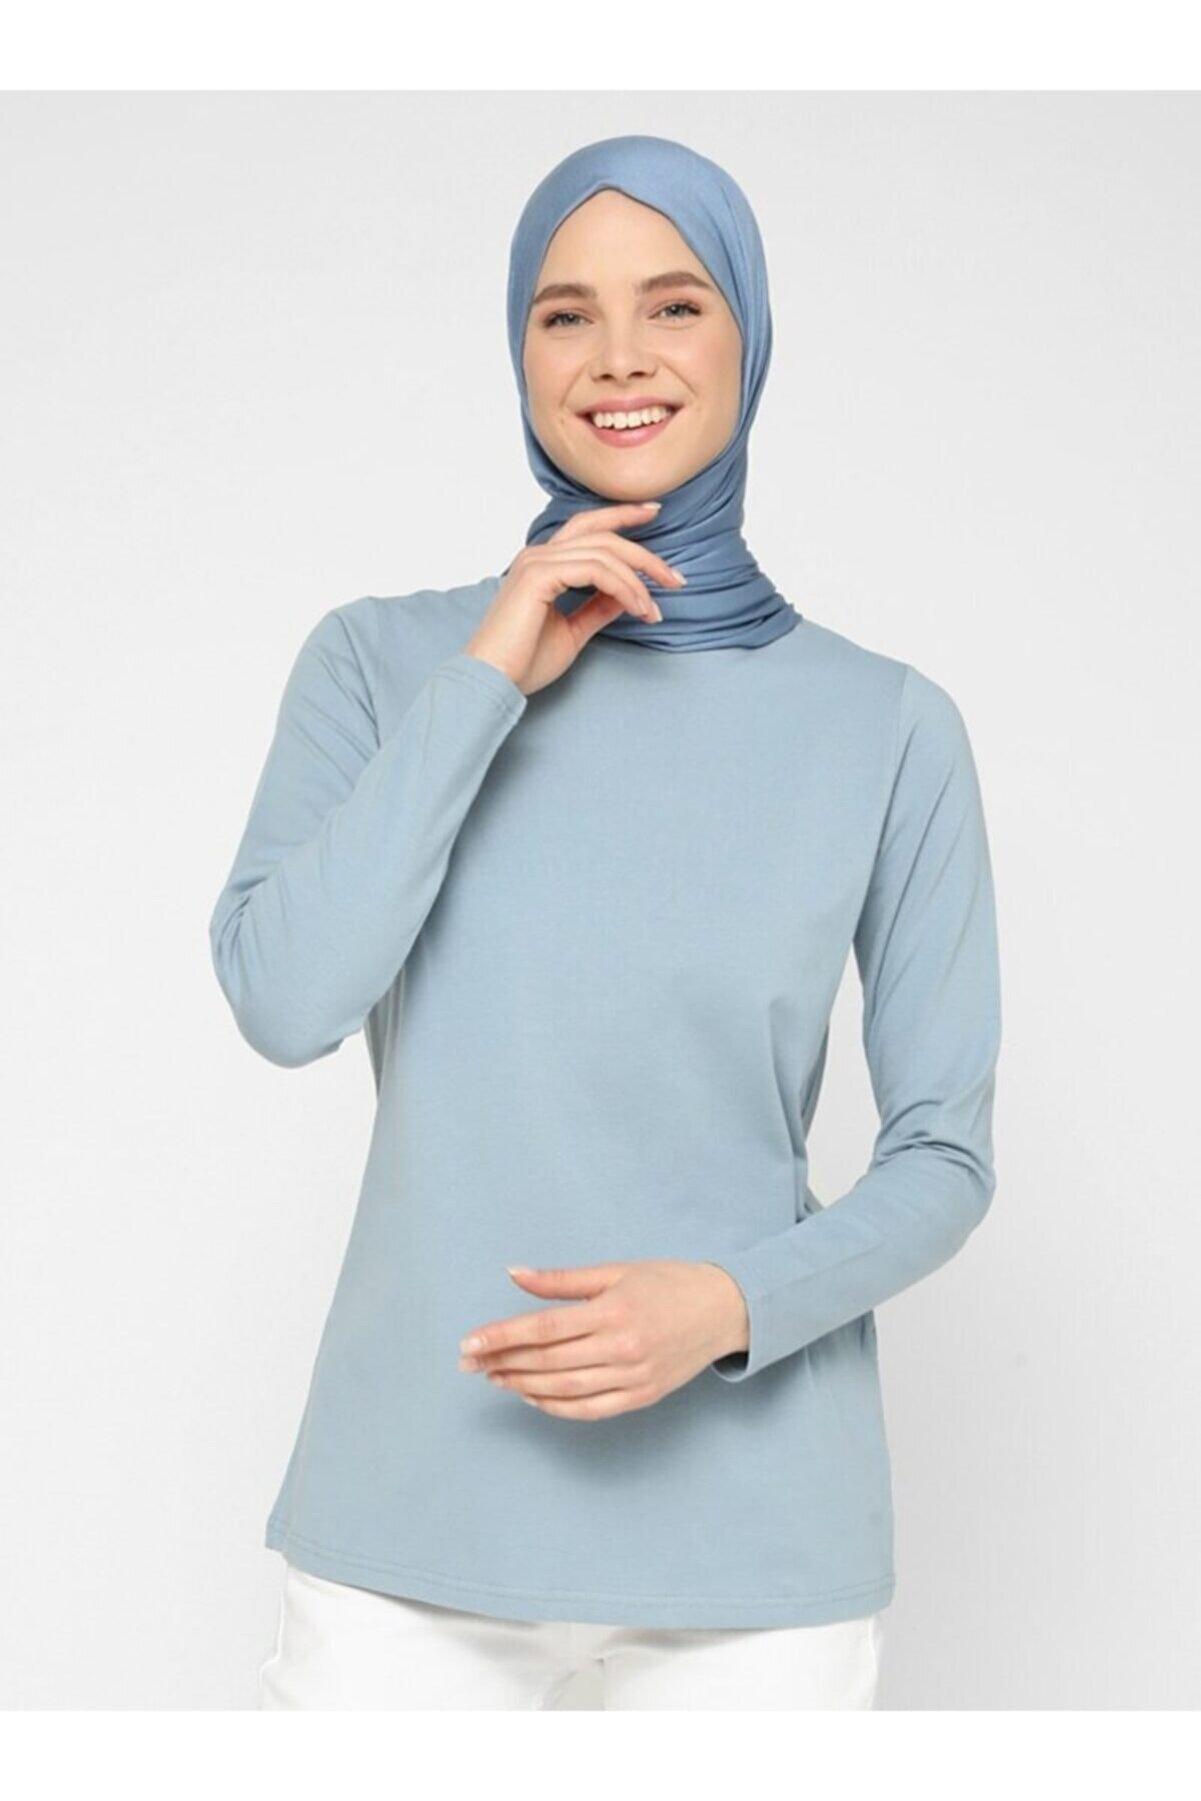 Refka Kadın Derin Mavi Uzun Kollu Pamuk Kumaşlı Basic Tişört  Basic